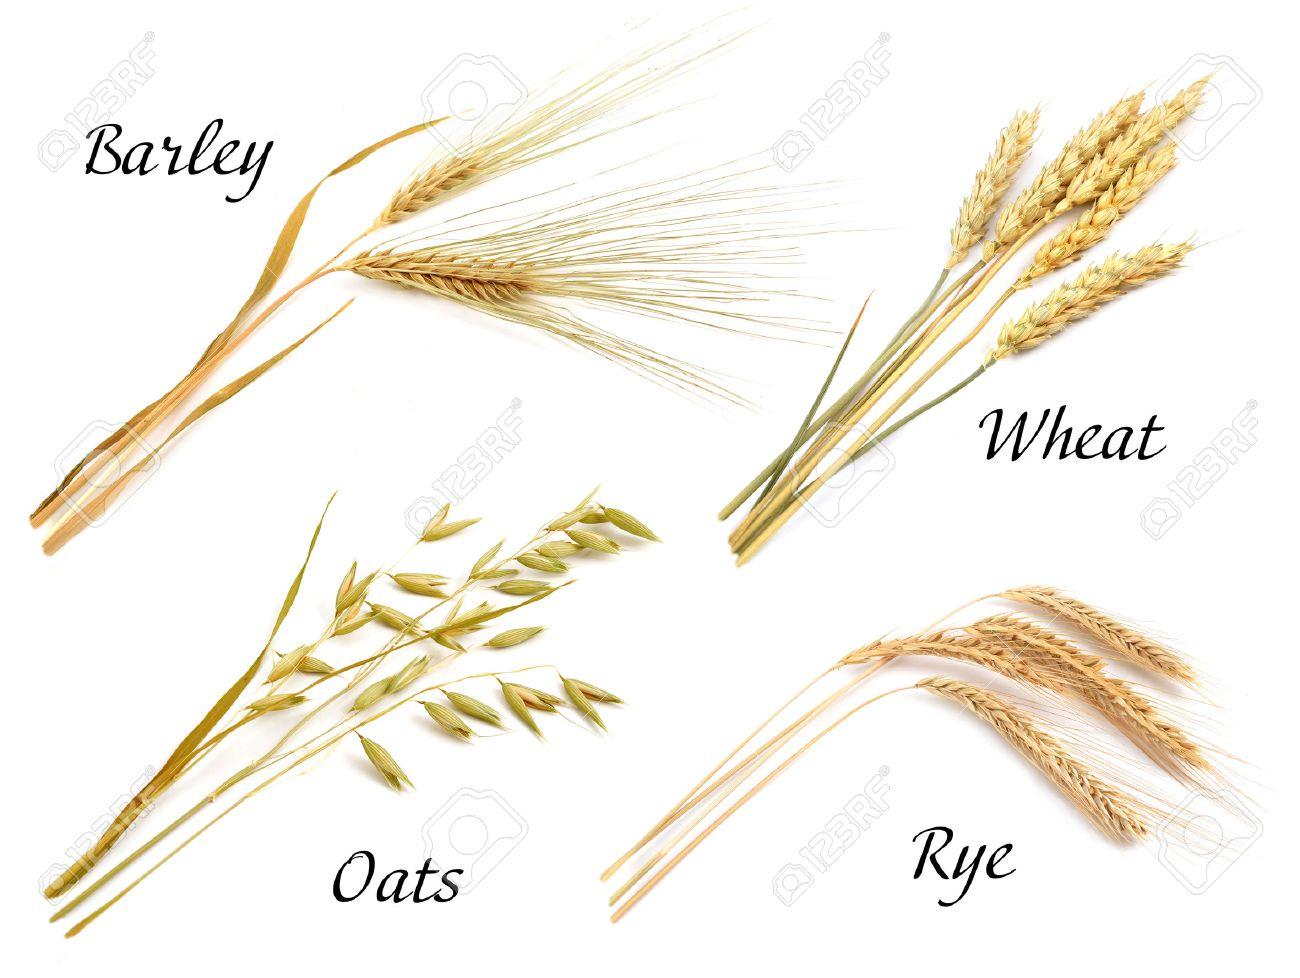 Image result for rye